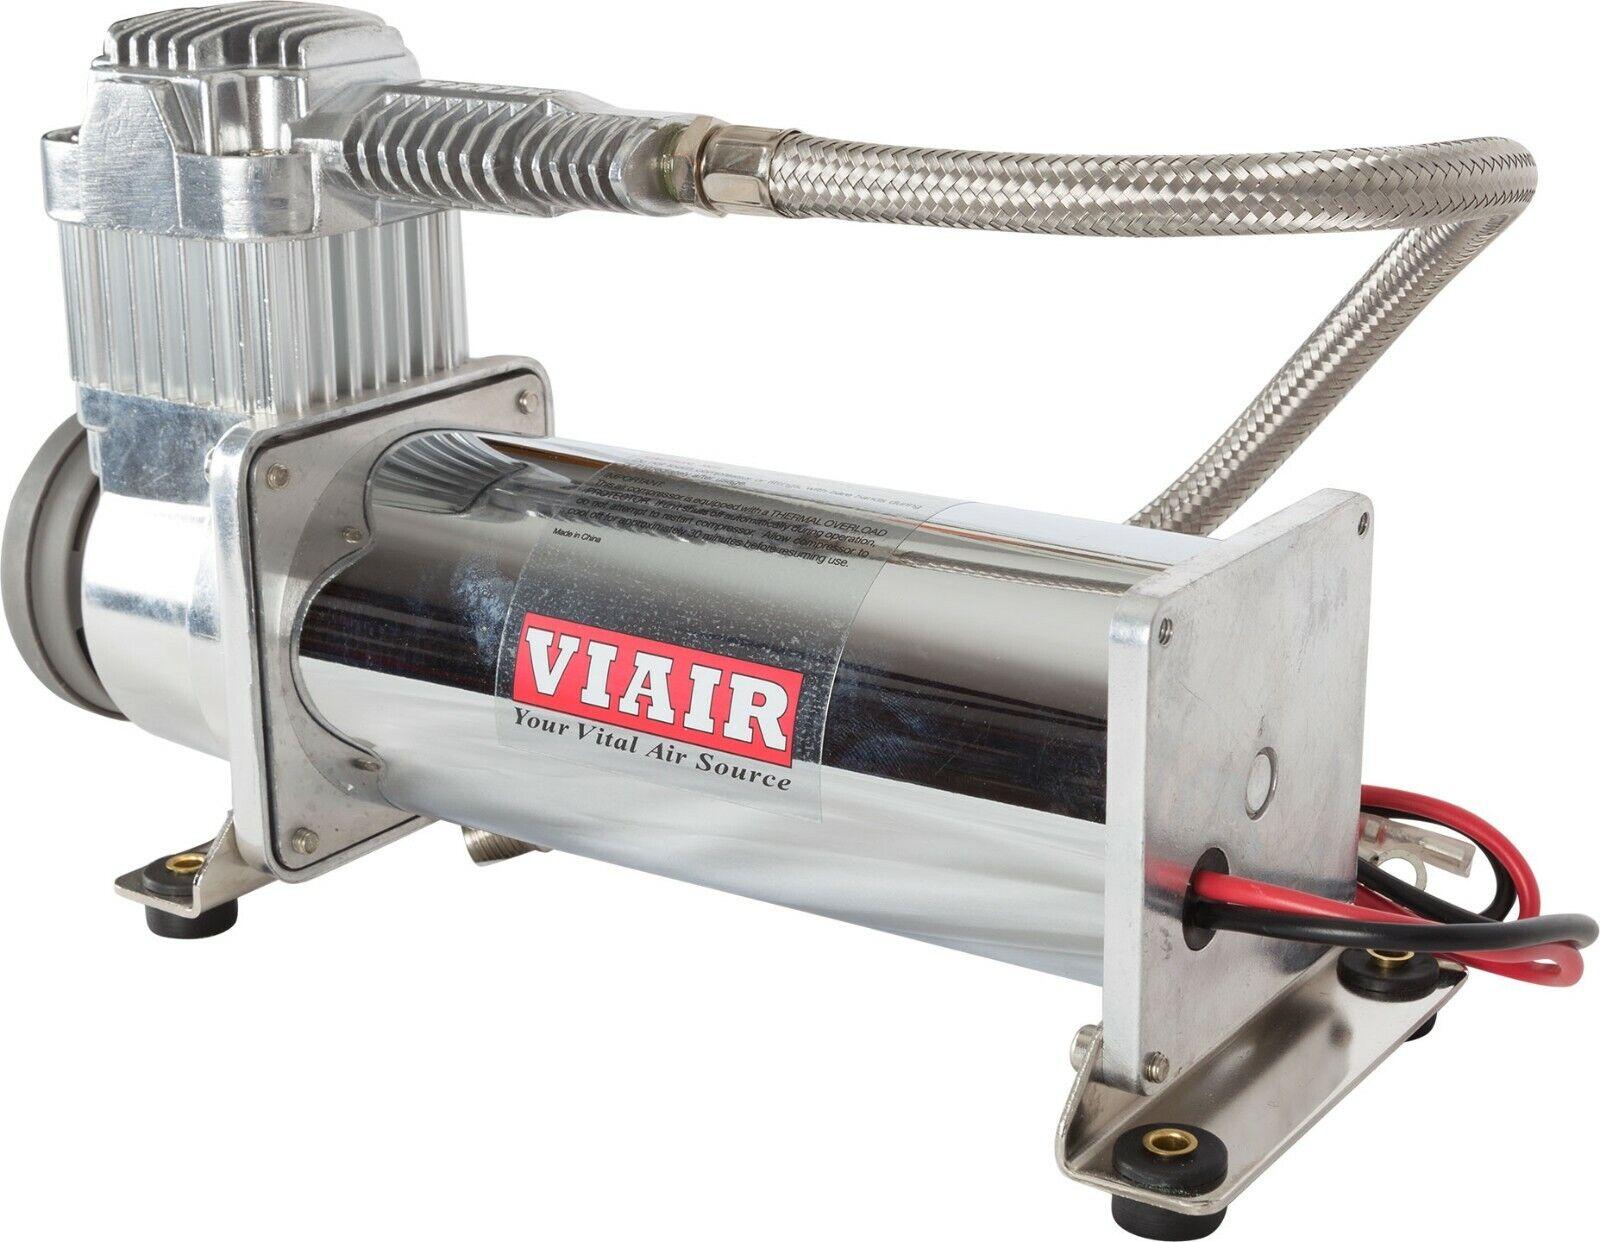 ::VIAIR 444C Chrome Constant Duty Truck Mount Air Compressor - 12 Volt, 200 PSI